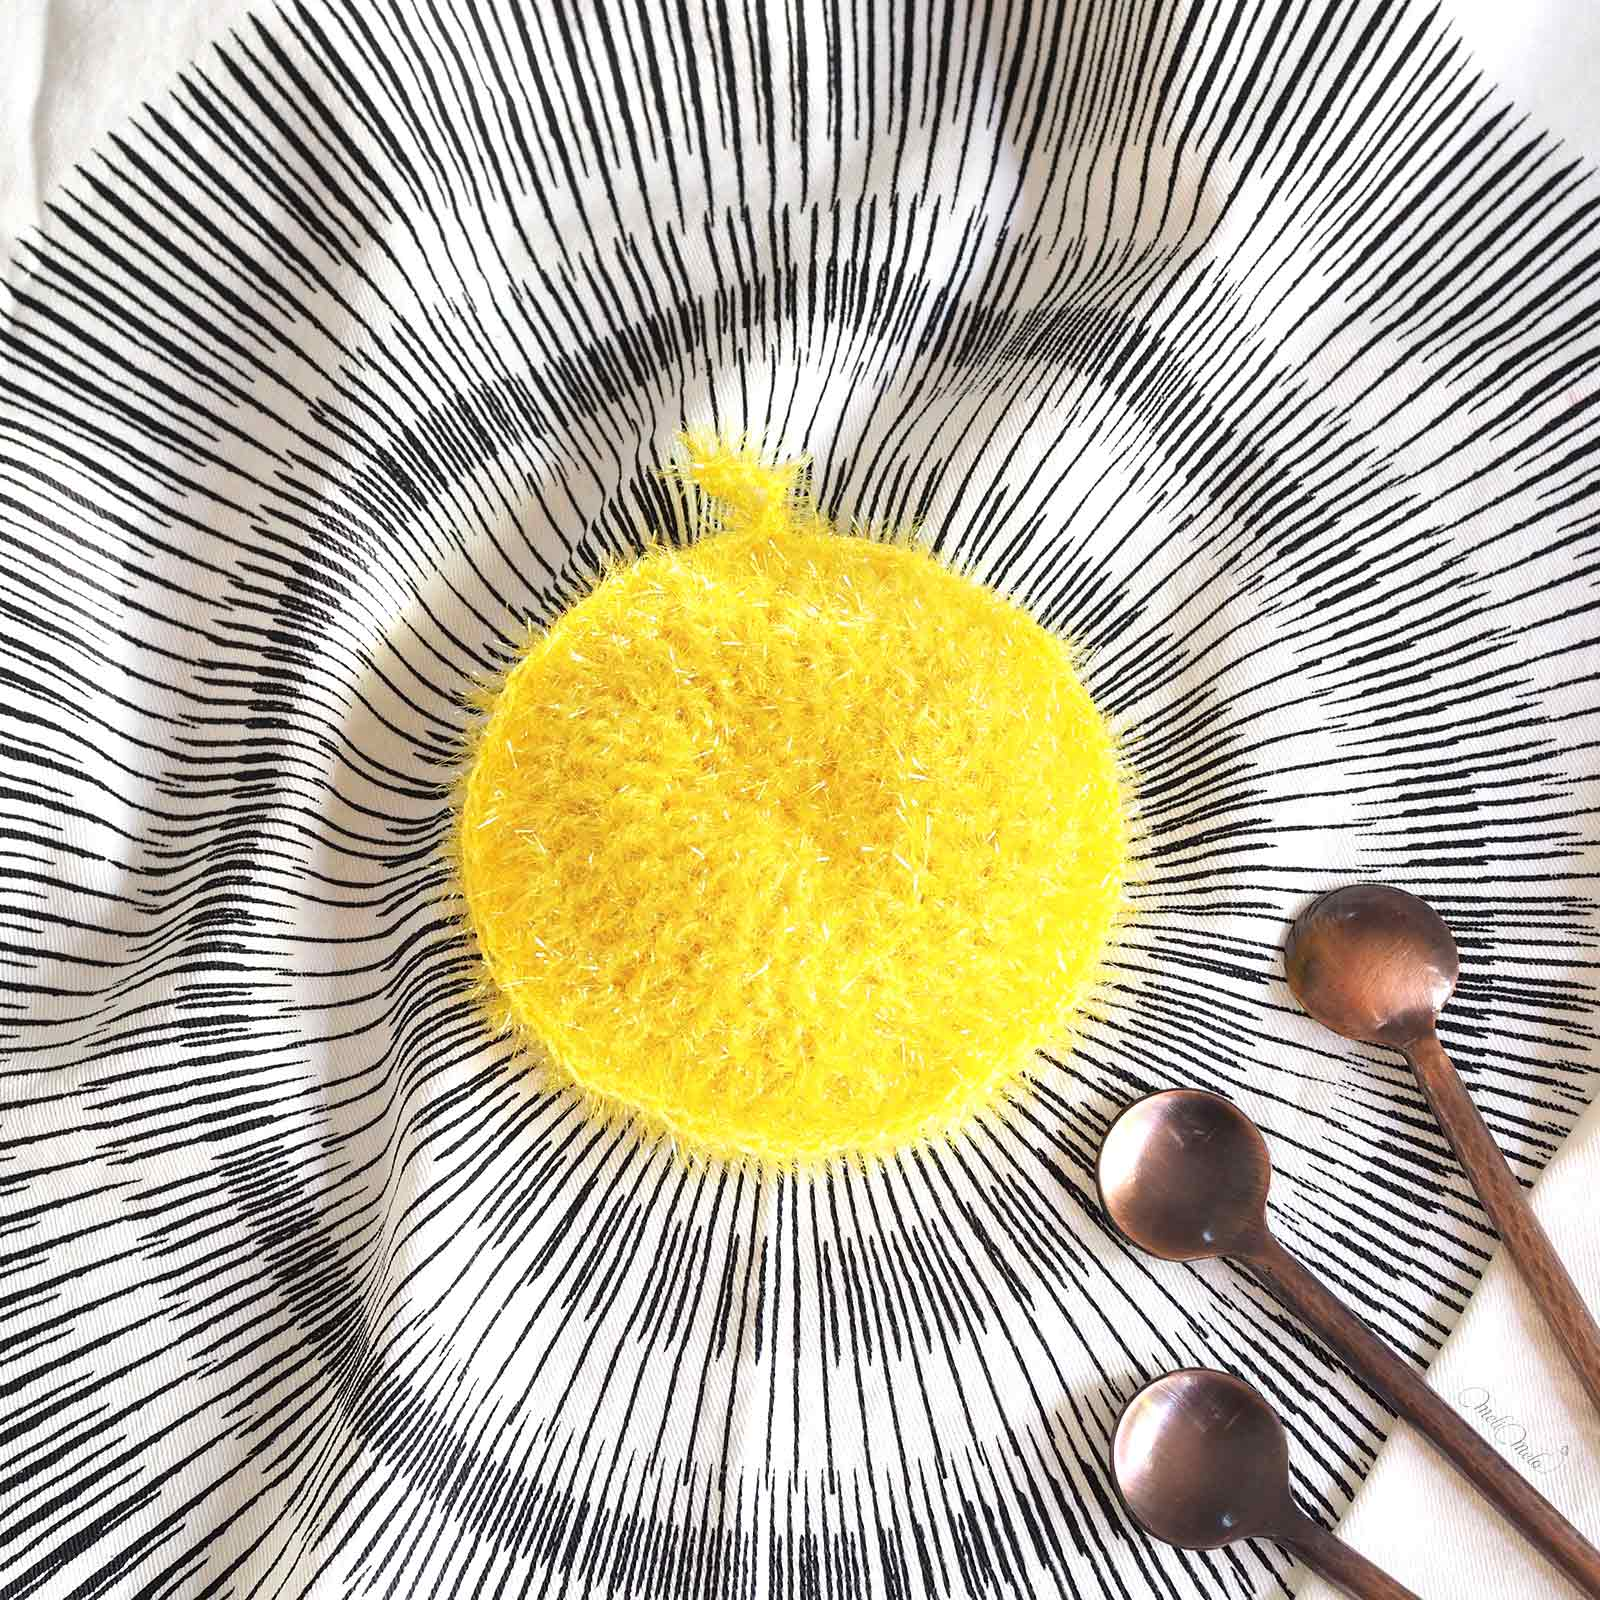 Éponge Tawashi pamplemousse pile creative bubble rico design laboutiquedemelimelo